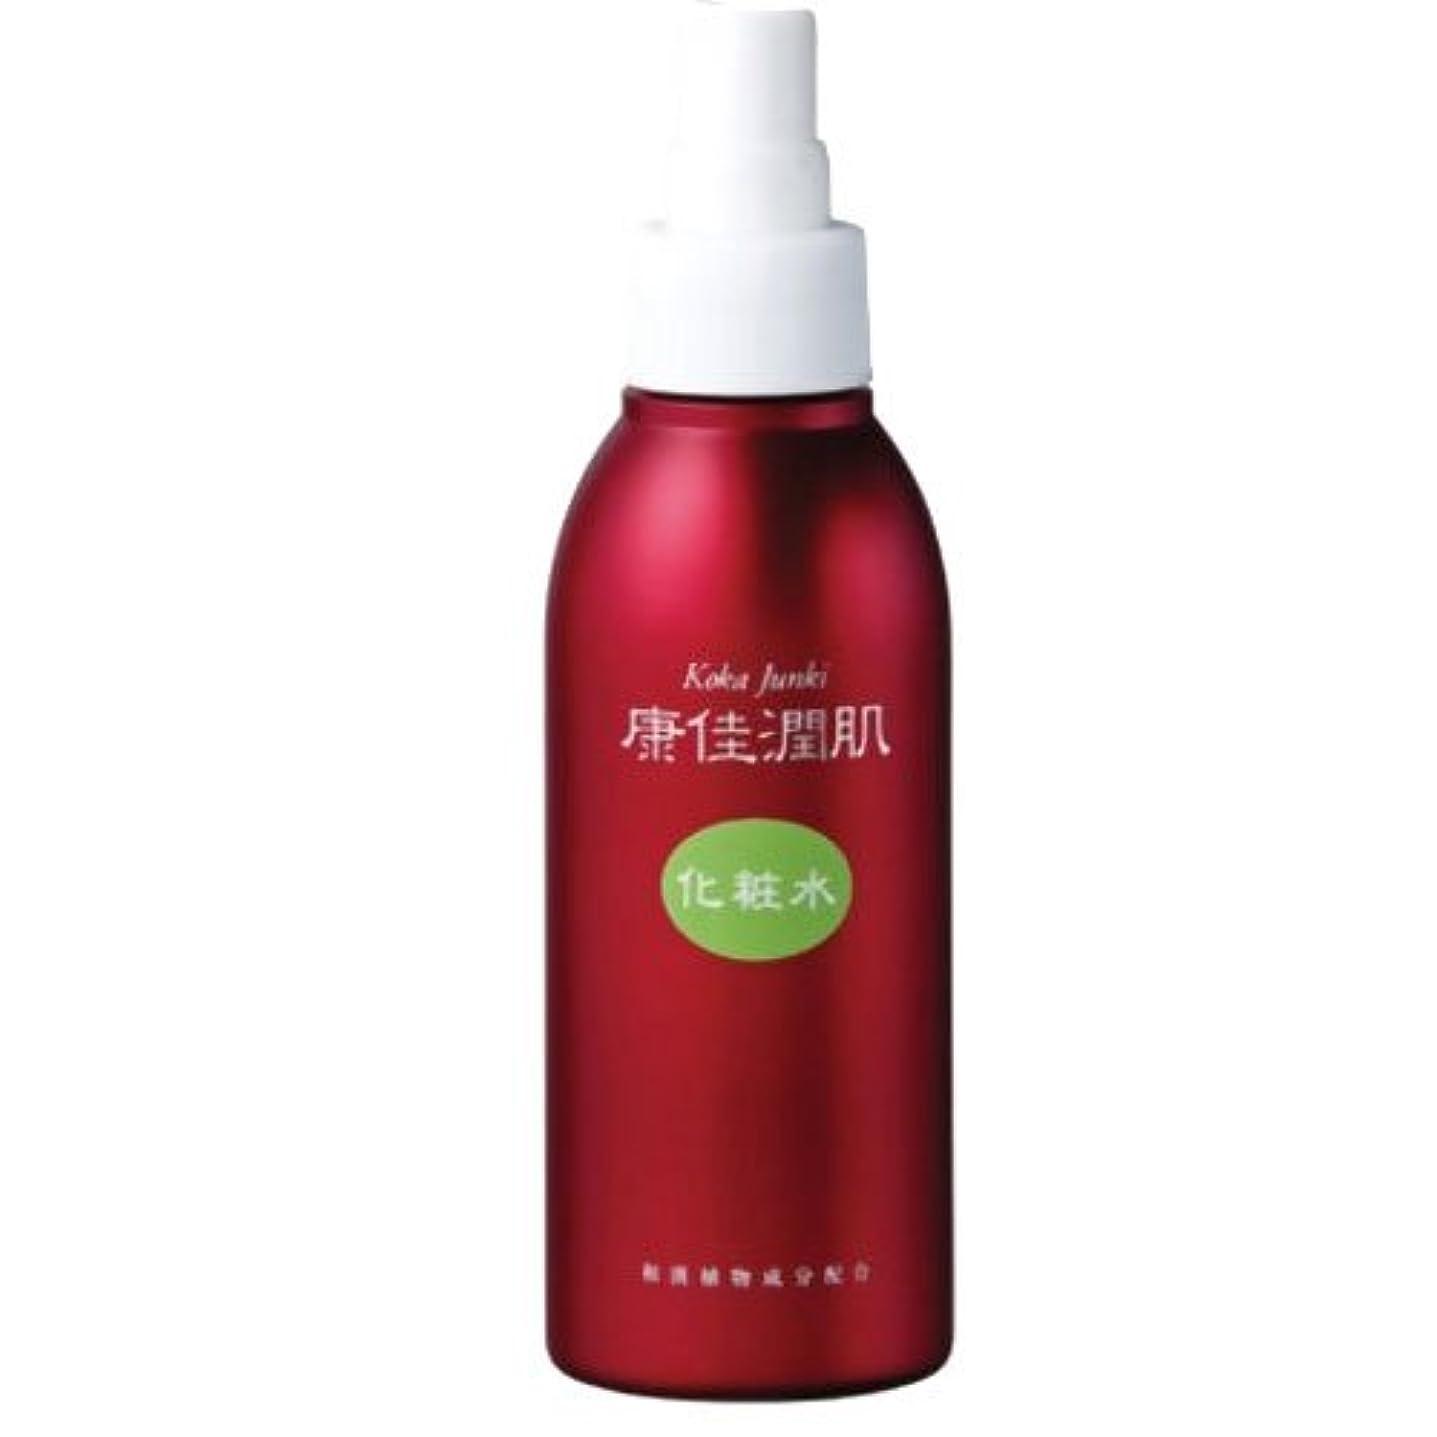 康佳潤肌化粧水